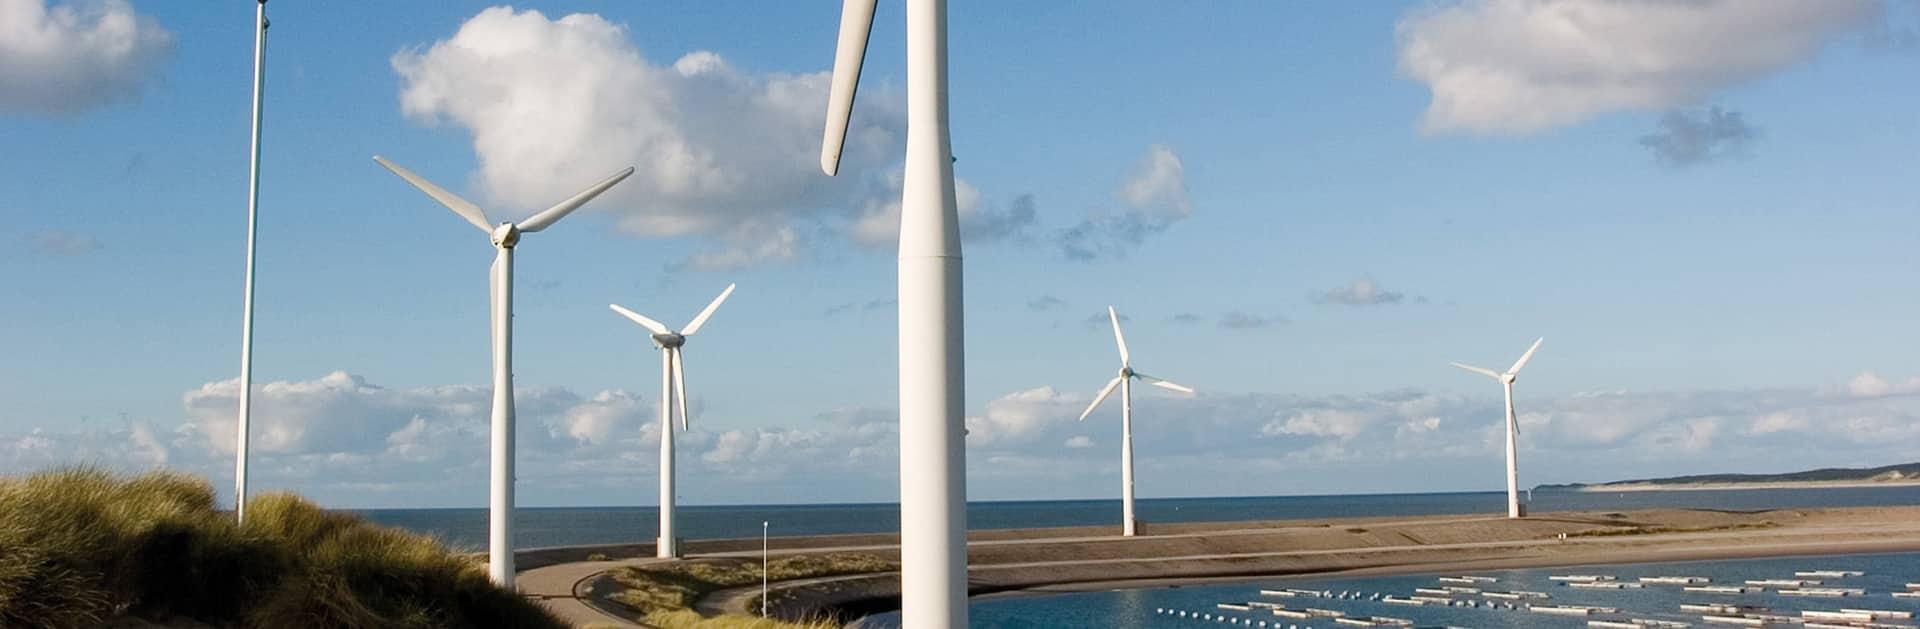 milieuwetgeving en activiteitenbesluit milieubeheer kennen voor bv. windmolens in de ruimte voor mens en milieu